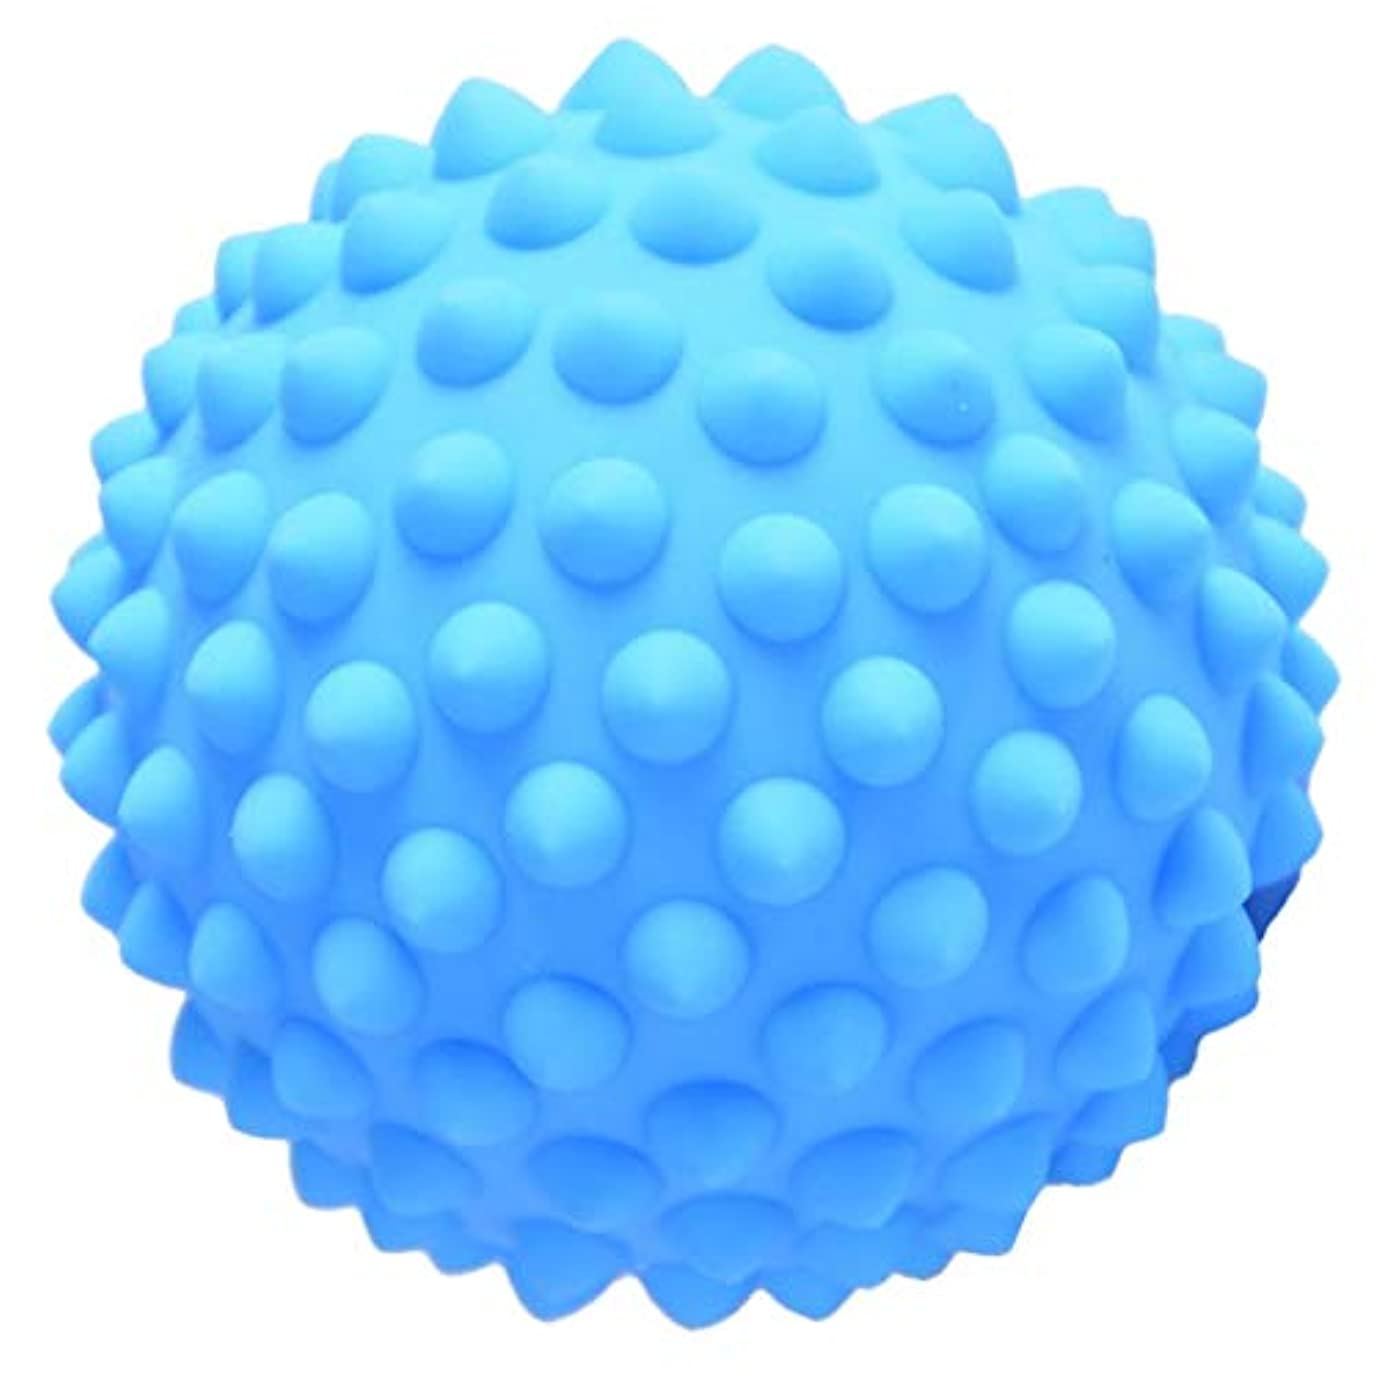 そして不名誉痛みハードマッサージ マッサージボール ハード トリガーマッサージ ポインマッサージ 3色選べ - 青, 説明のとおり